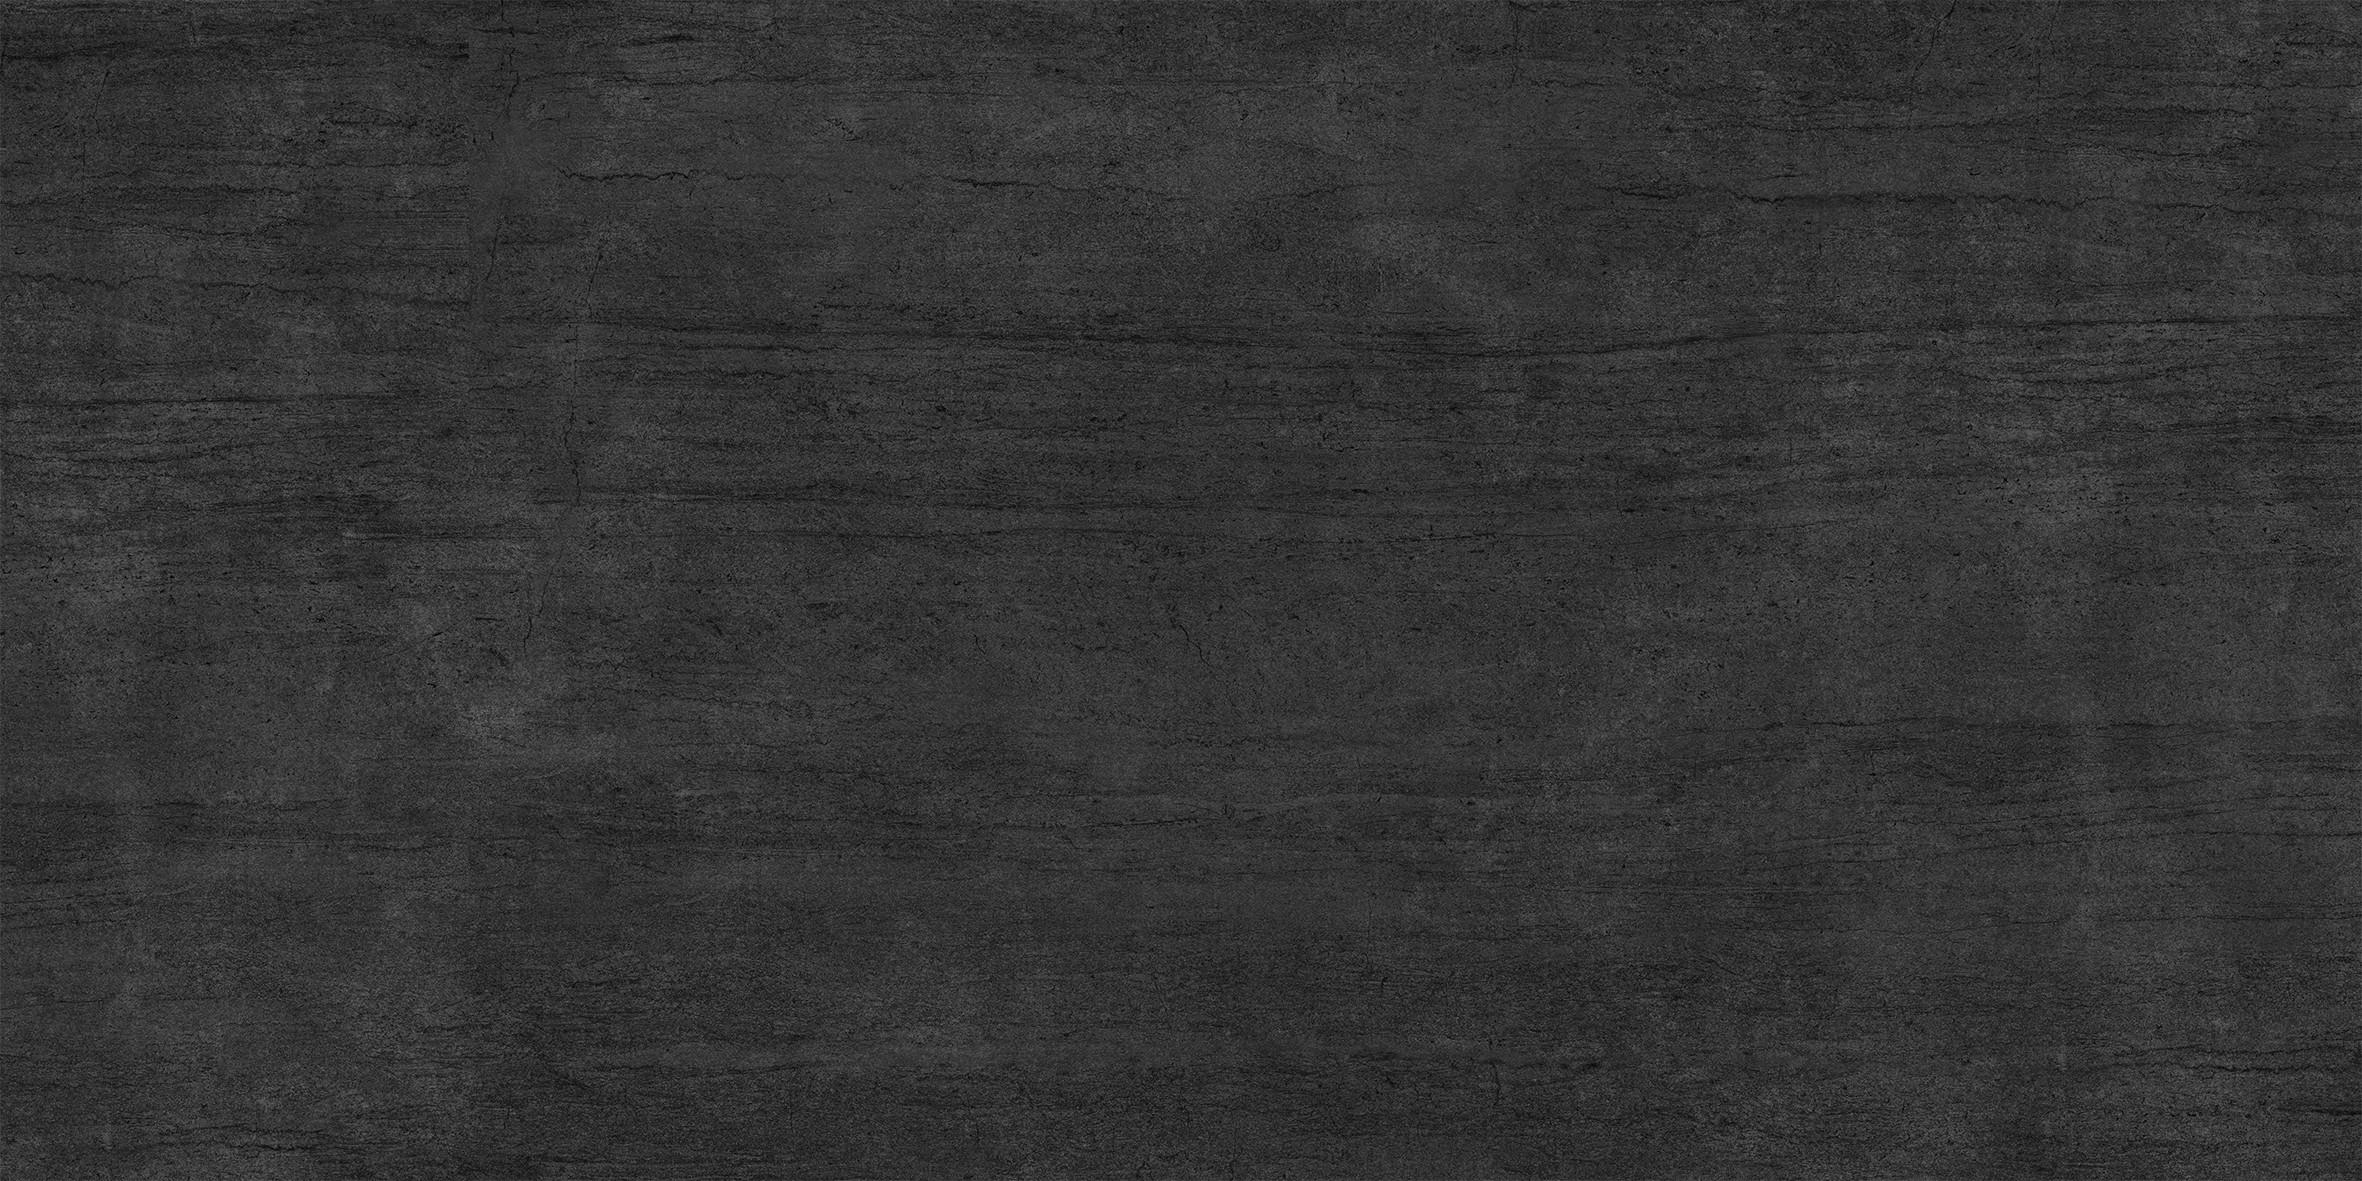 life 30 x 60 anthrazit r9 boizenburg fliesen fliesenhersteller deutschland. Black Bedroom Furniture Sets. Home Design Ideas